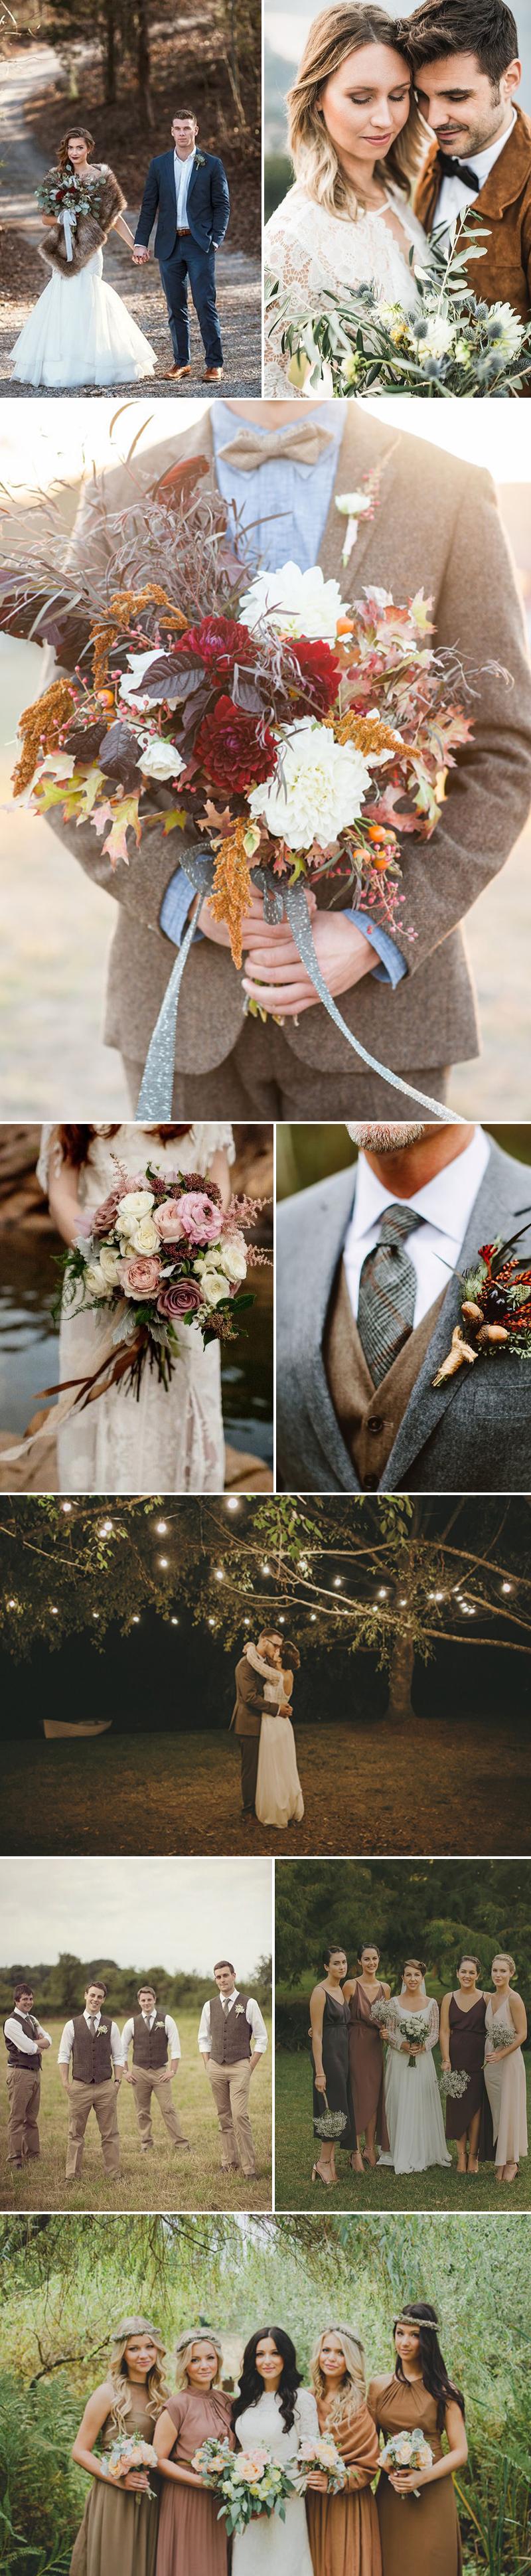 Chestnut Brown Wedding Ideas